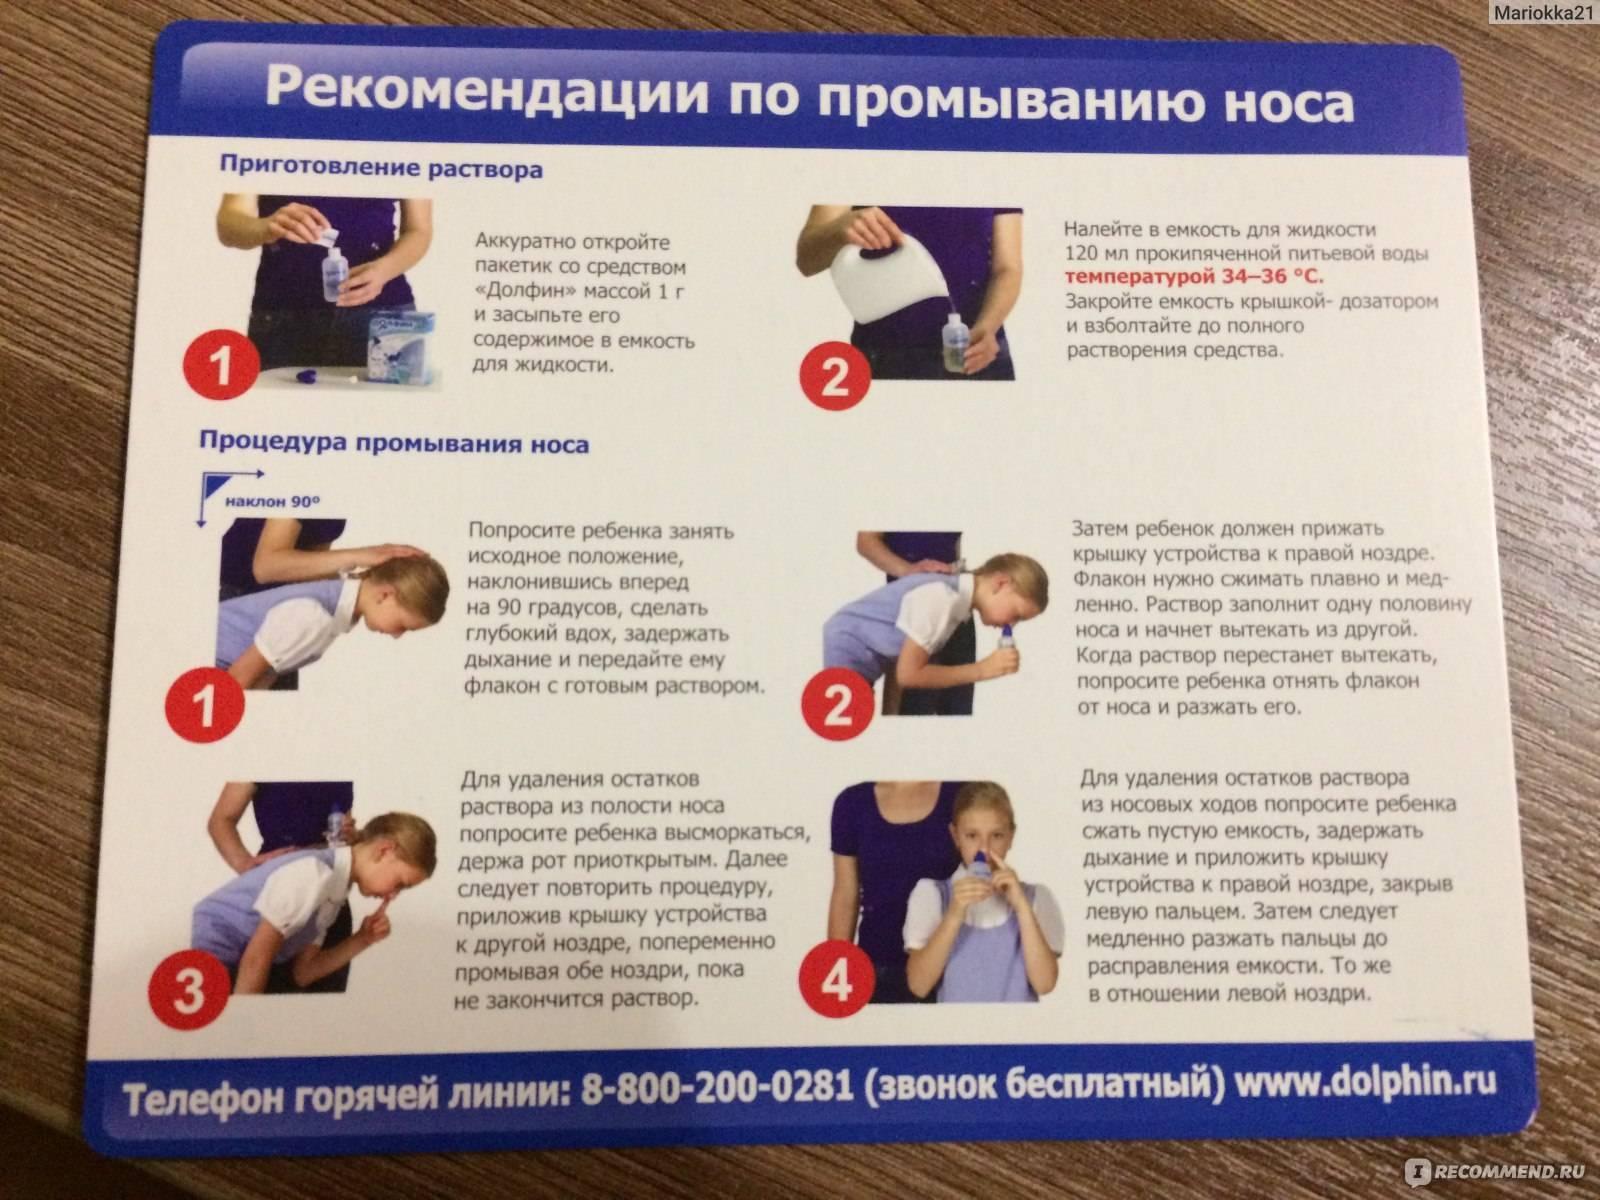 Промыть нос солевым раствором в домашних условиях